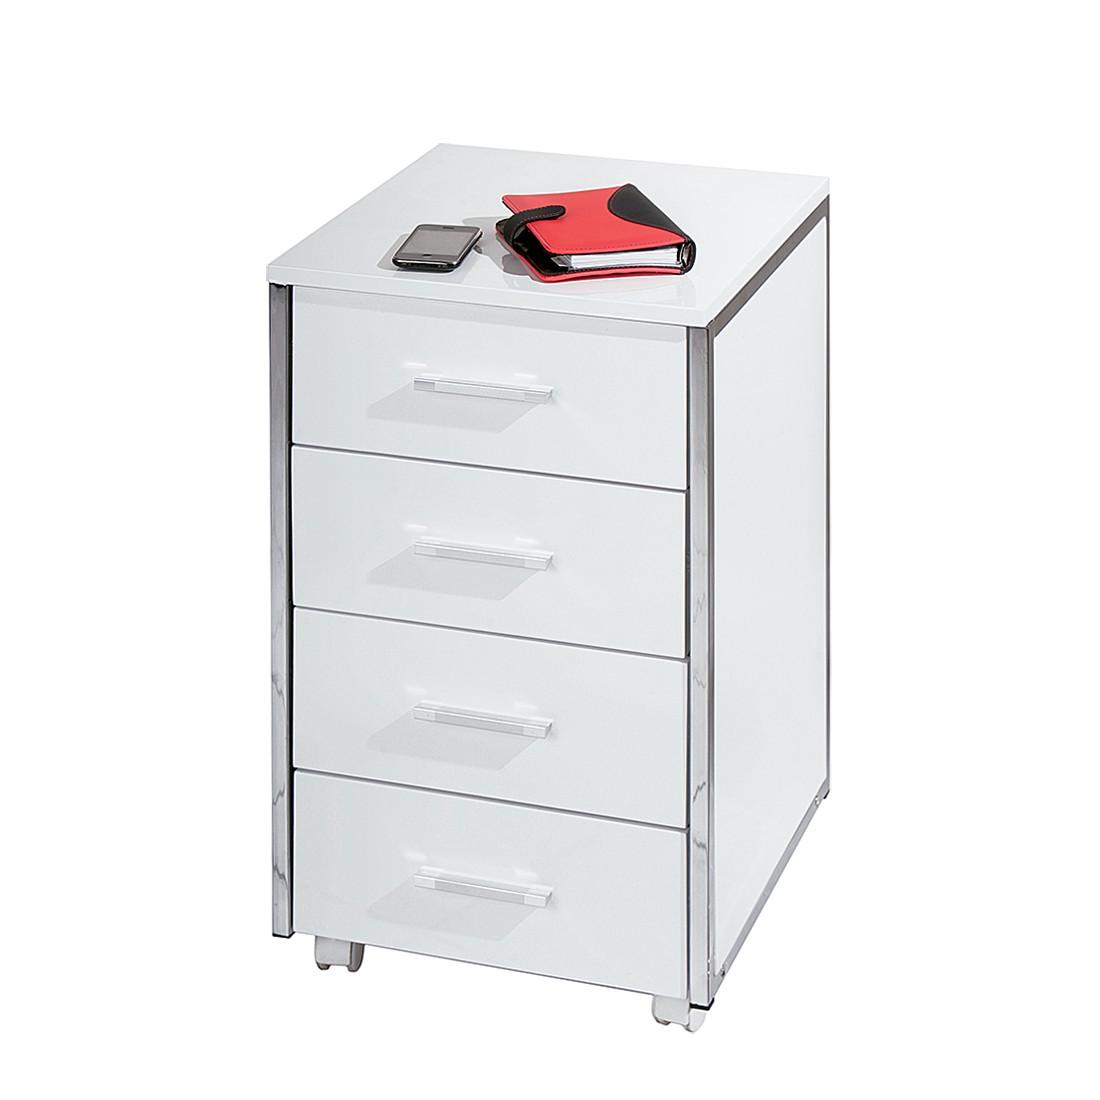 Rollcontainer Multi - Hochglanz Weiß